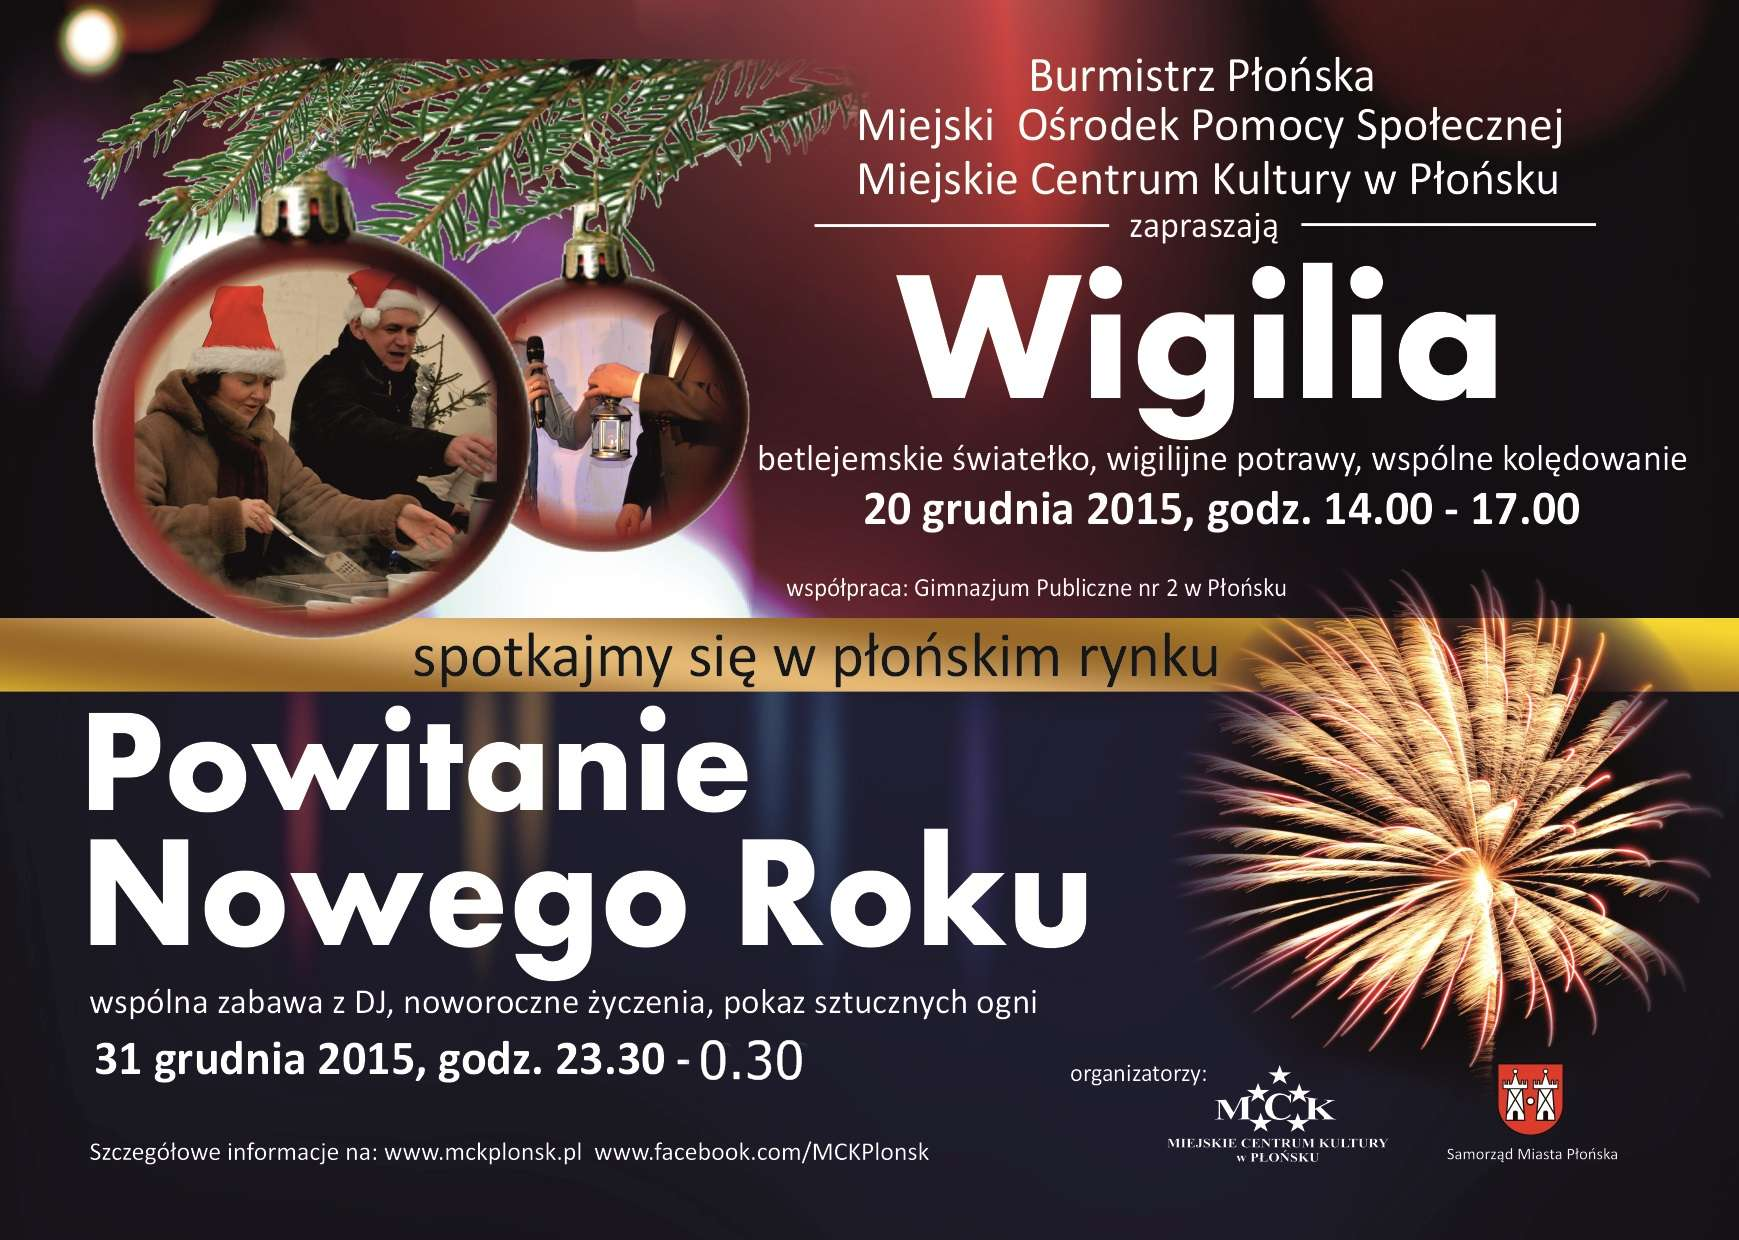 http://i.wm.pl/00/08/01/26/f/wigilia-picture5673c83eadf62.jpg